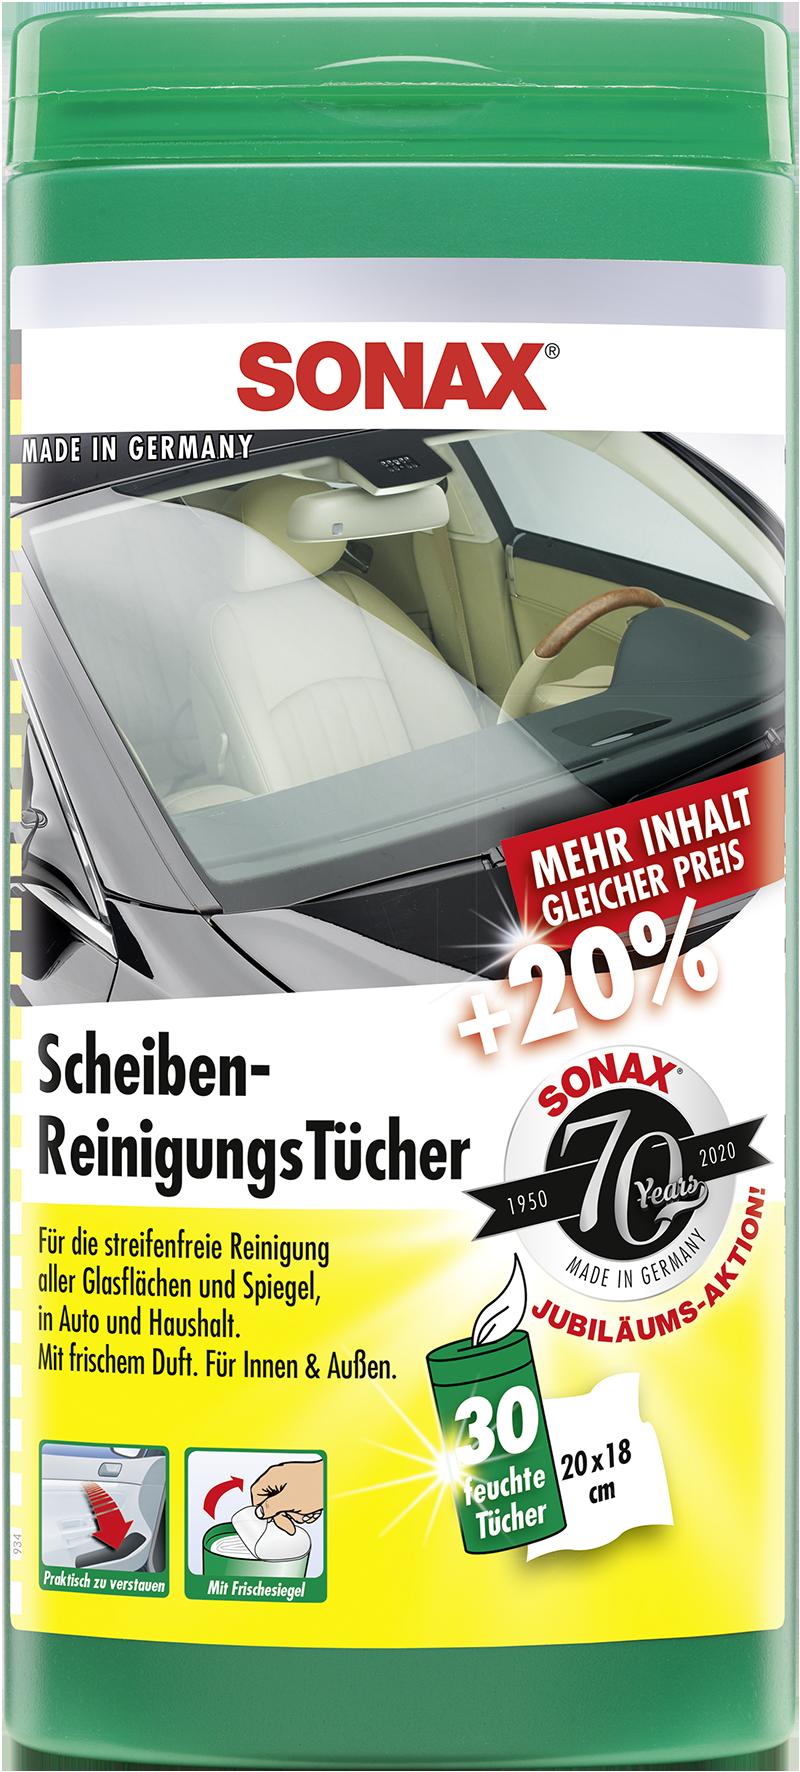 SONAX 04120000  ScheibenReinigungsTücher Box Jubiläumsaktion +20% 30 Stück